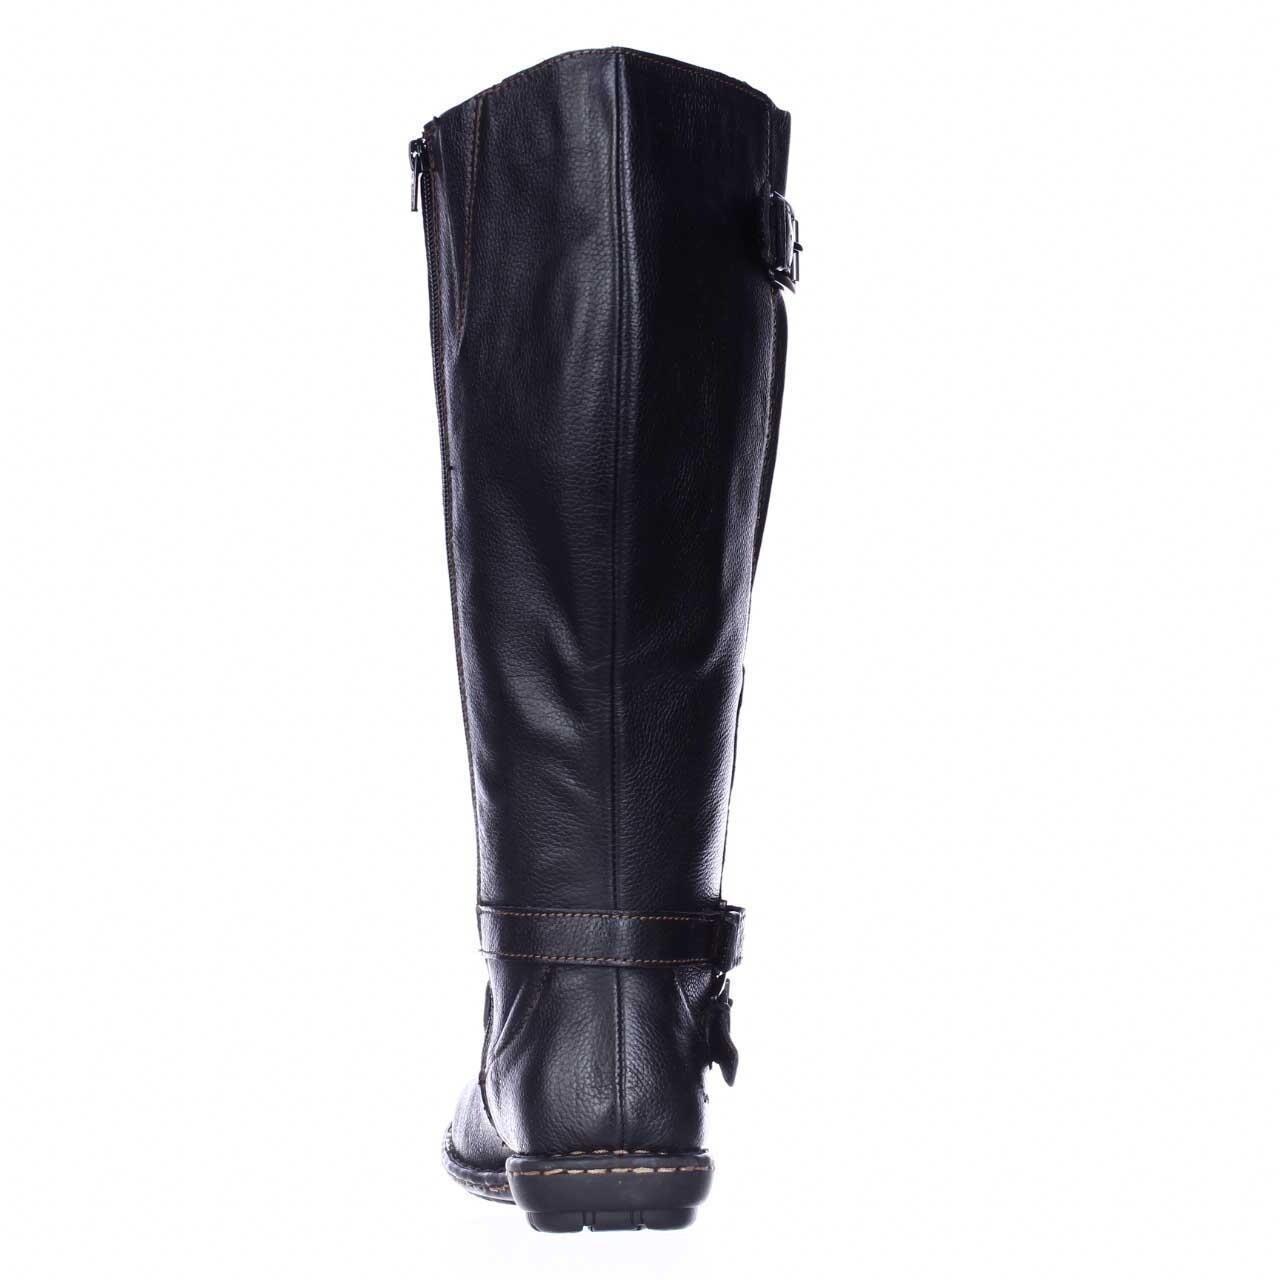 faebda0e305 Shop B.O.C. Born Concept Barbana Wide Calf Riding Boots